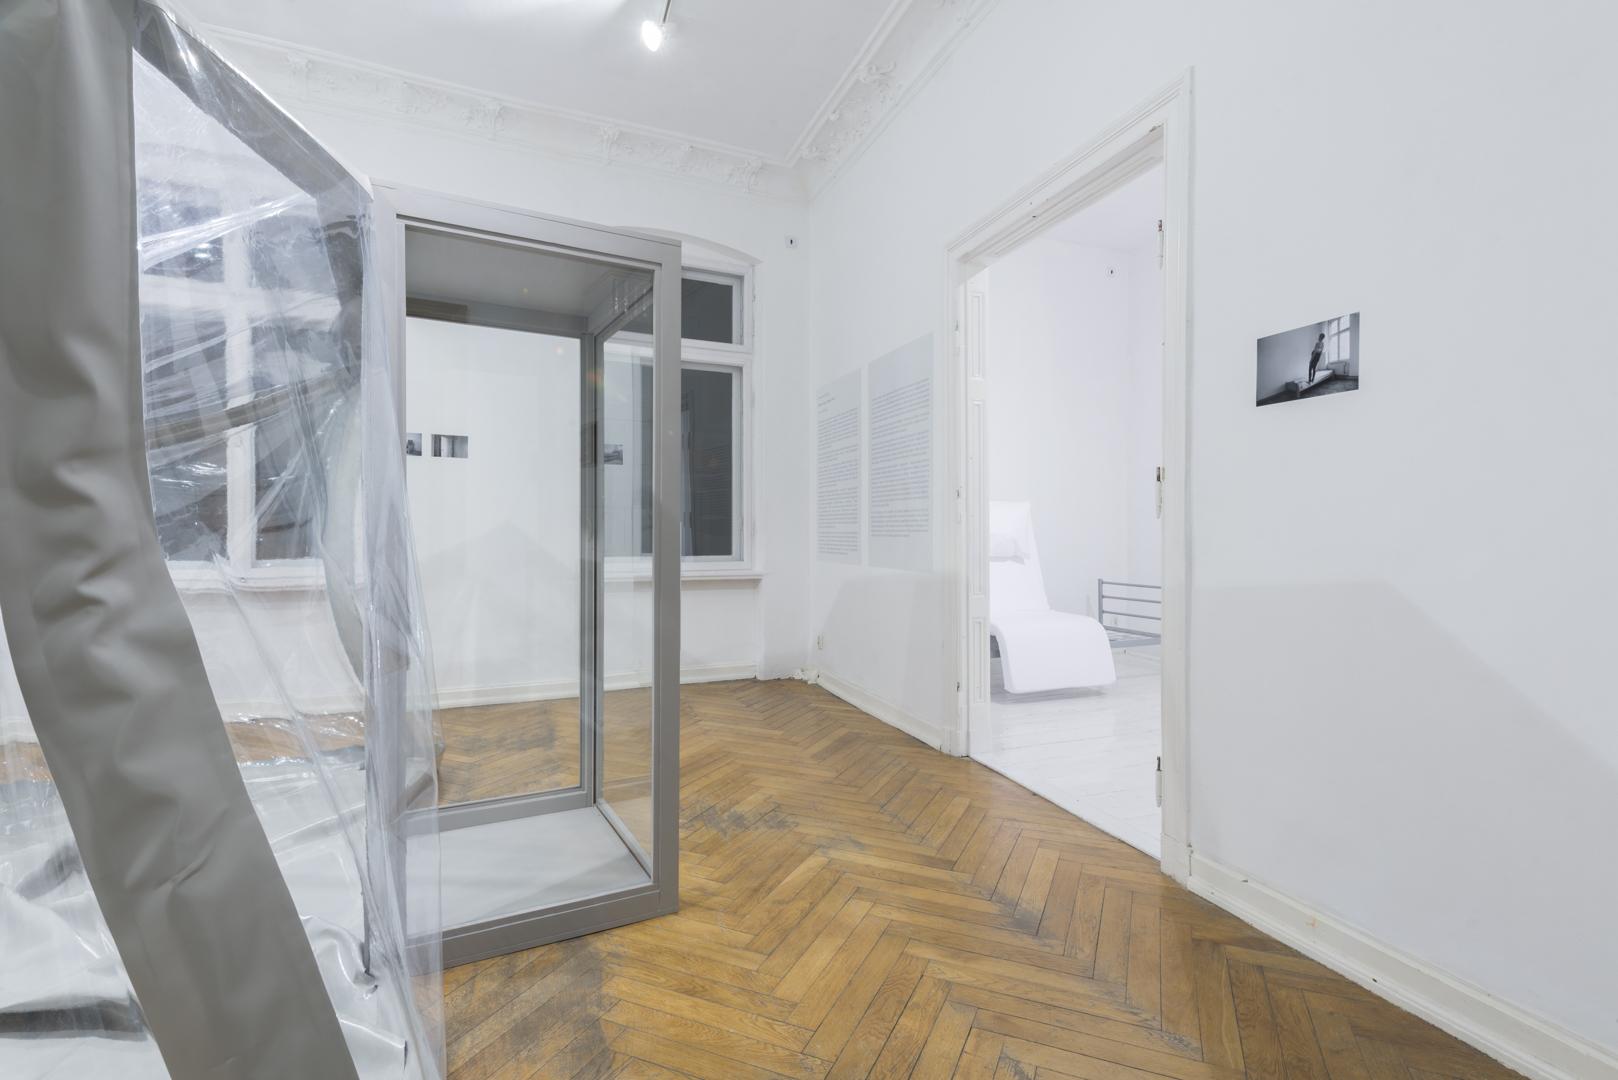 Katarzyna Malejka, Wada ukryta, widok wystawy